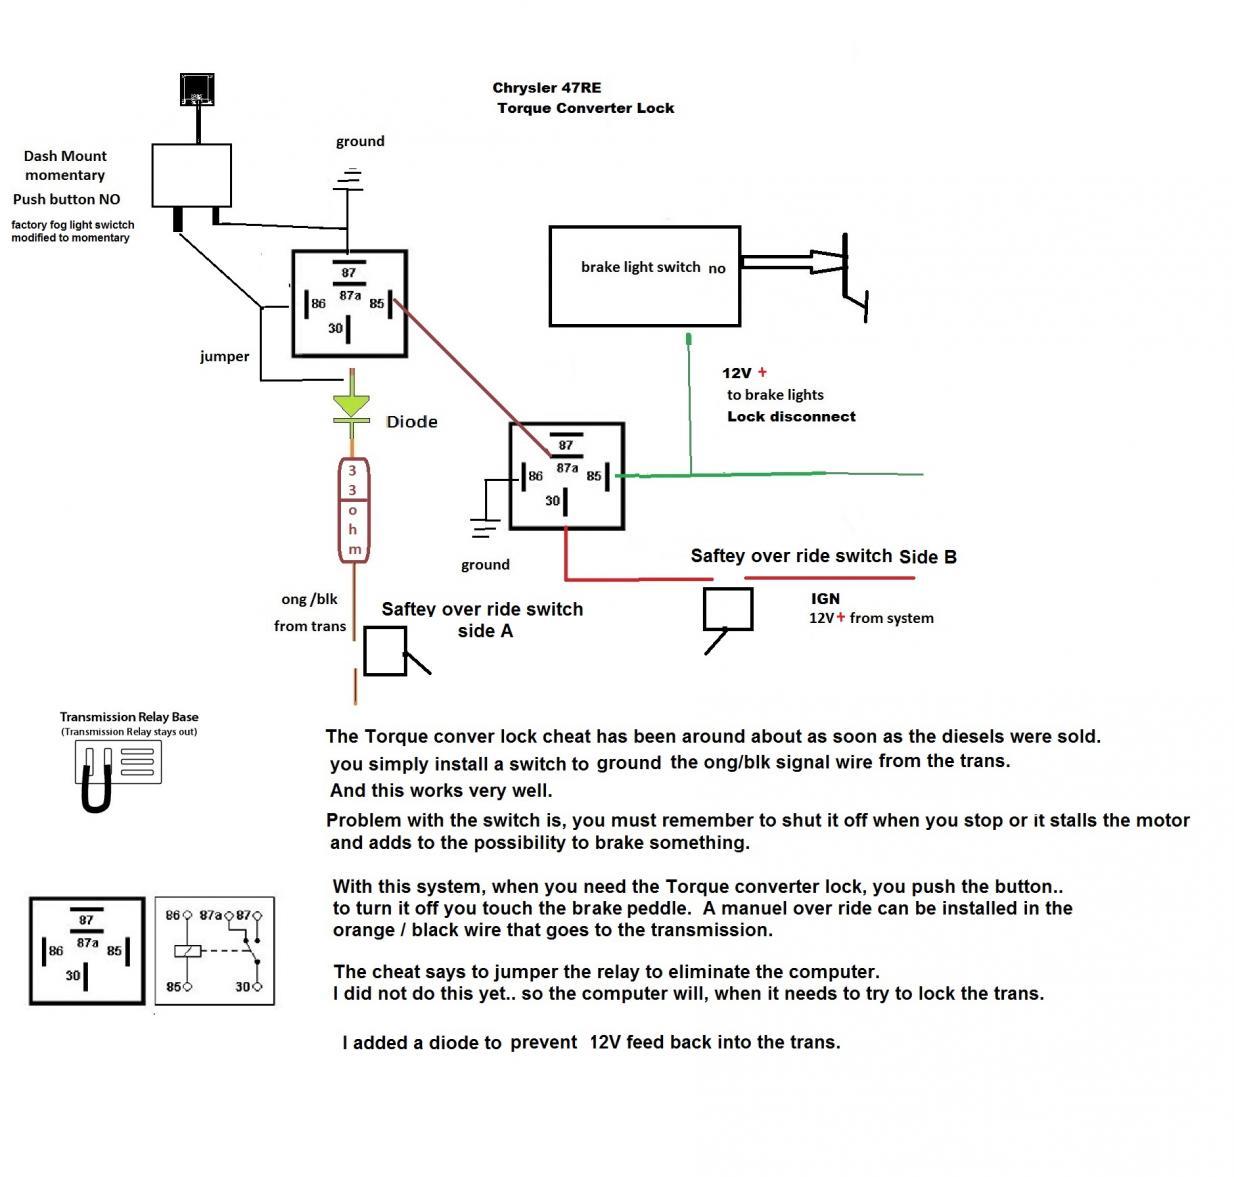 47re wiring diagram heil condenser 47rh lockup library